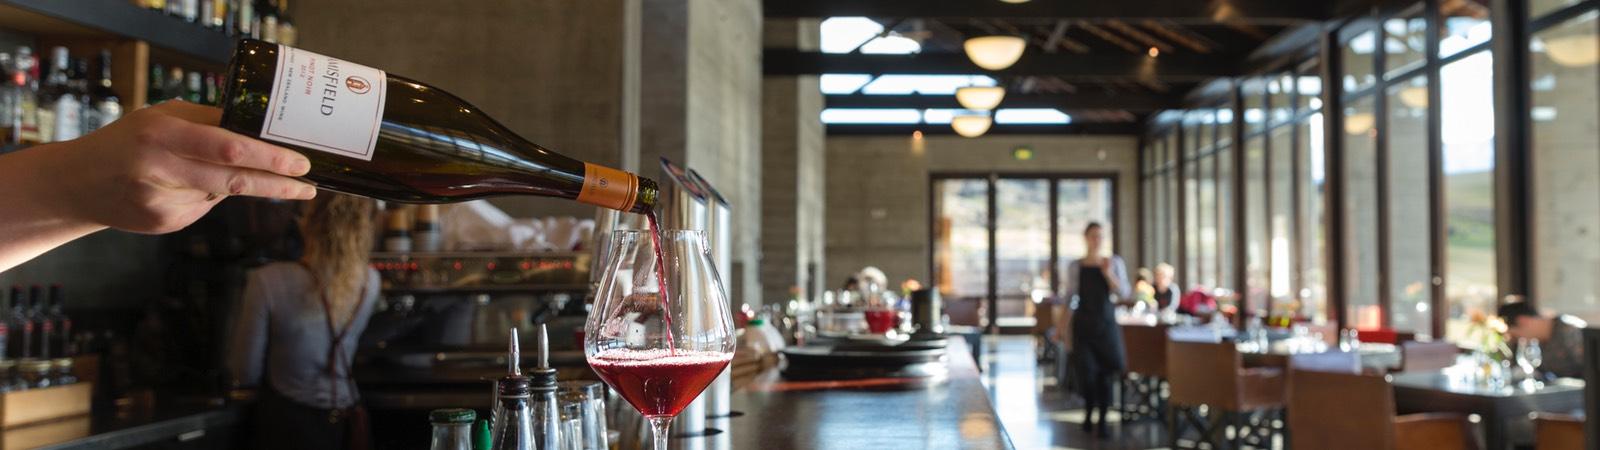 1600x450-restaurant-2.jpg